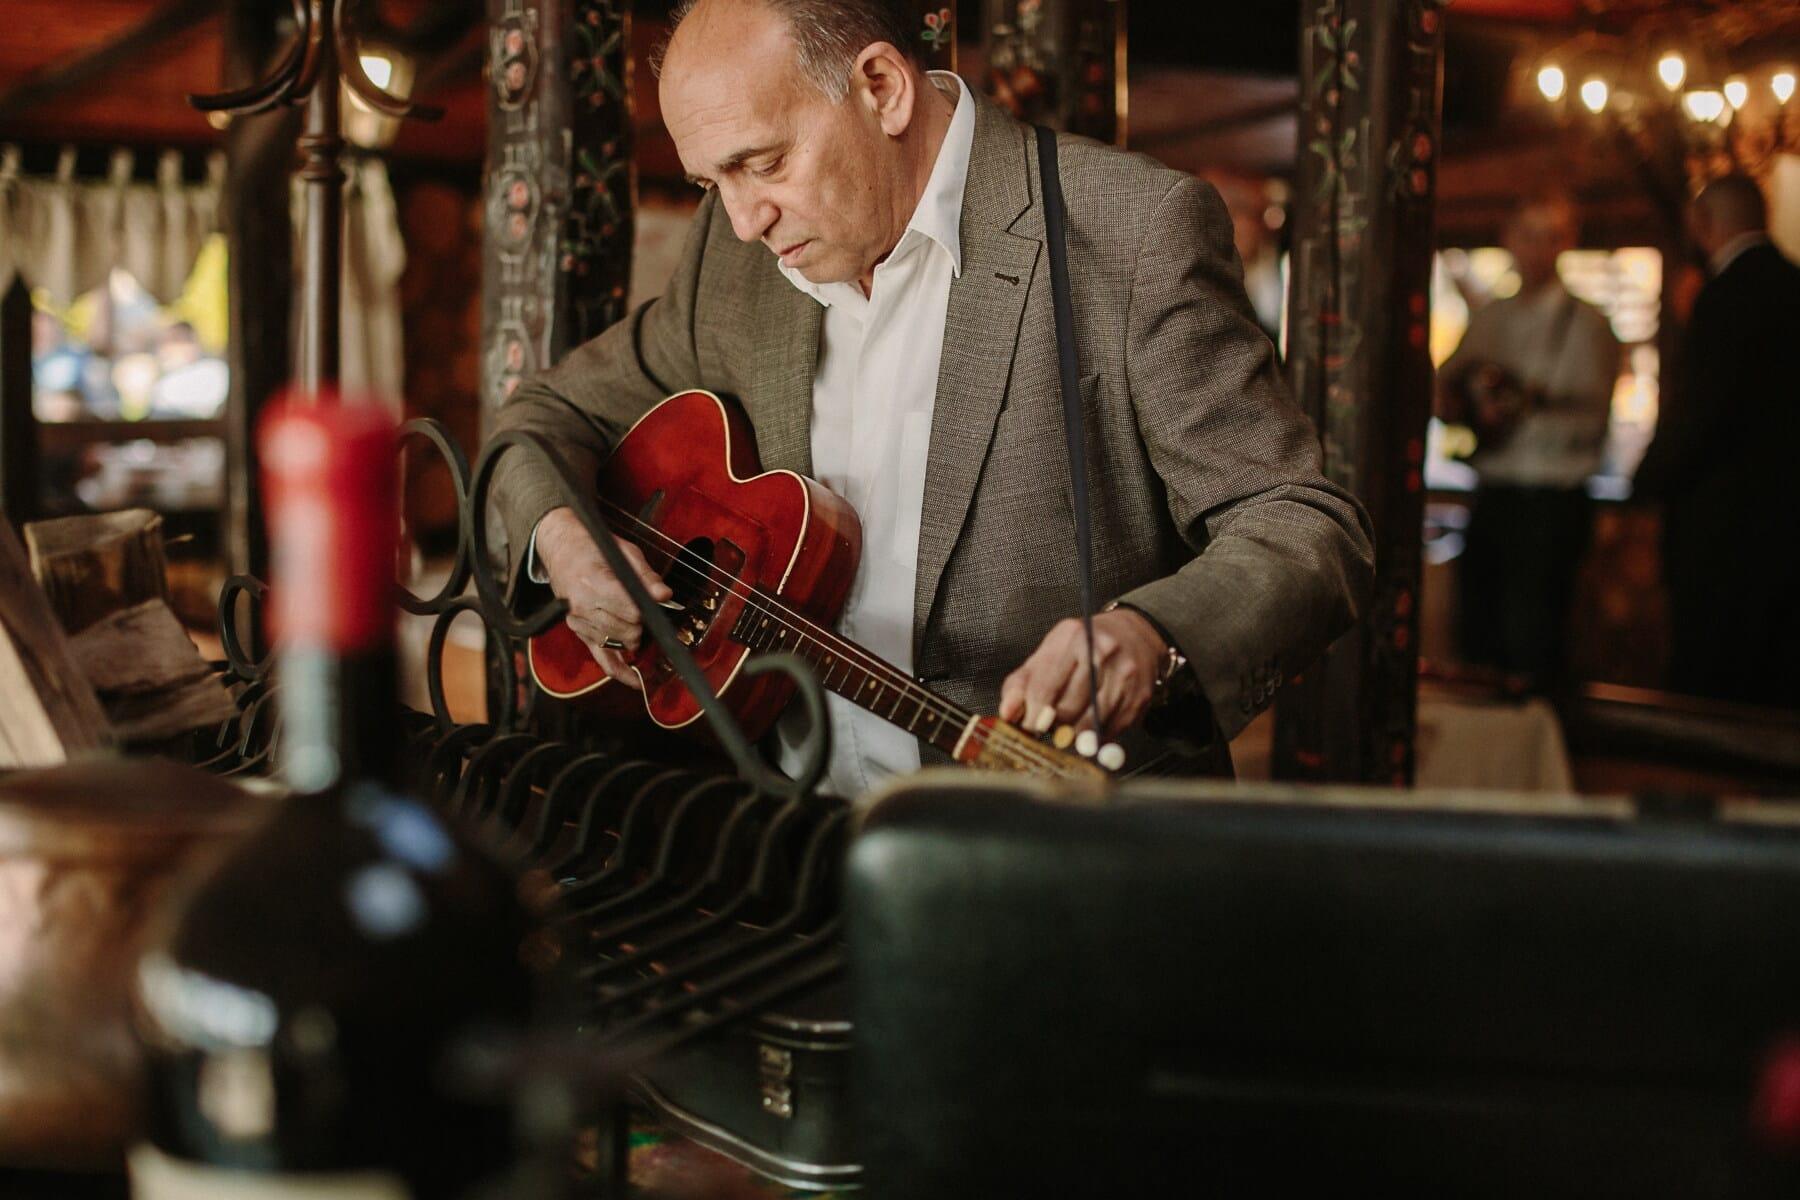 cygańska, mężczyzna, gitarzysta, gitara, zabytkowe, Senior, restauracja, Dziadek, muzyk, muzyka